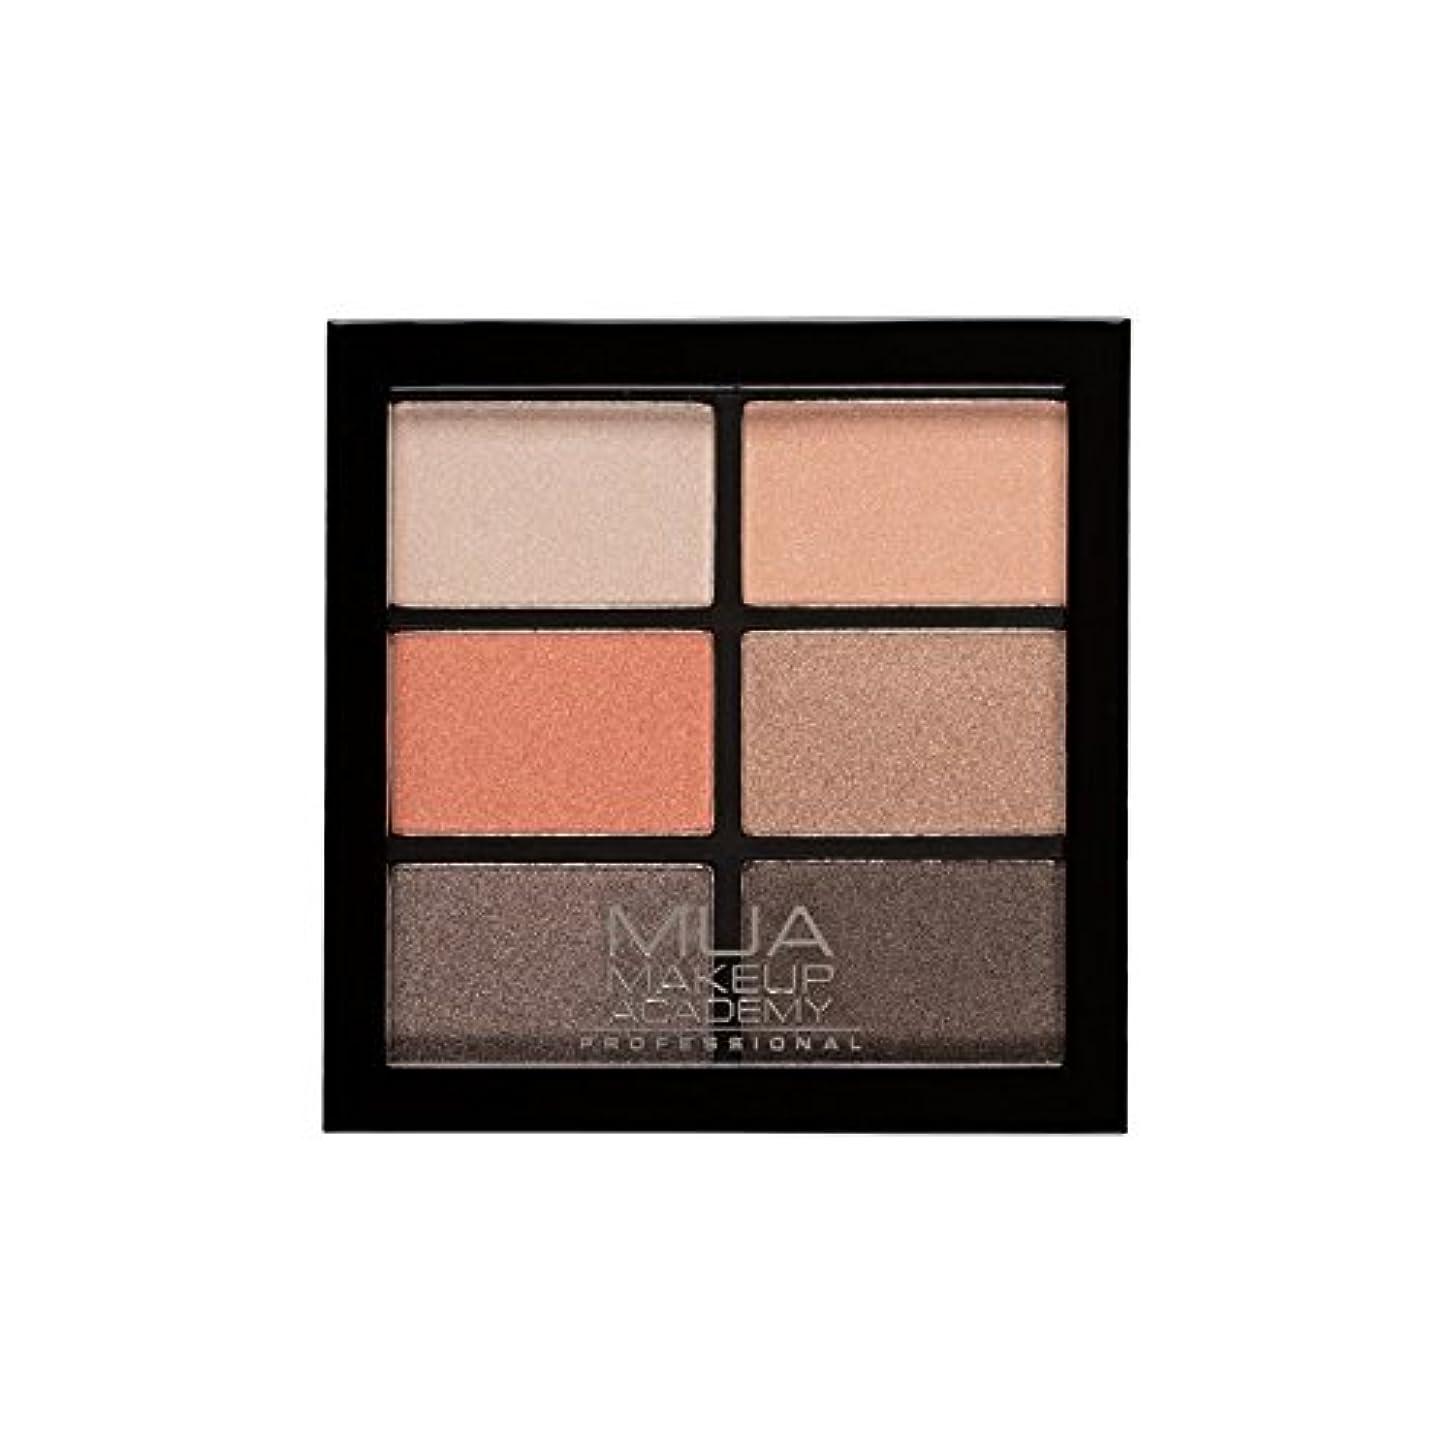 消費オープニングやりすぎプロ6日陰パレットサンゴ料理 x4 - MUA Professional 6 Shade Palette Coral Delights (Pack of 4) [並行輸入品]